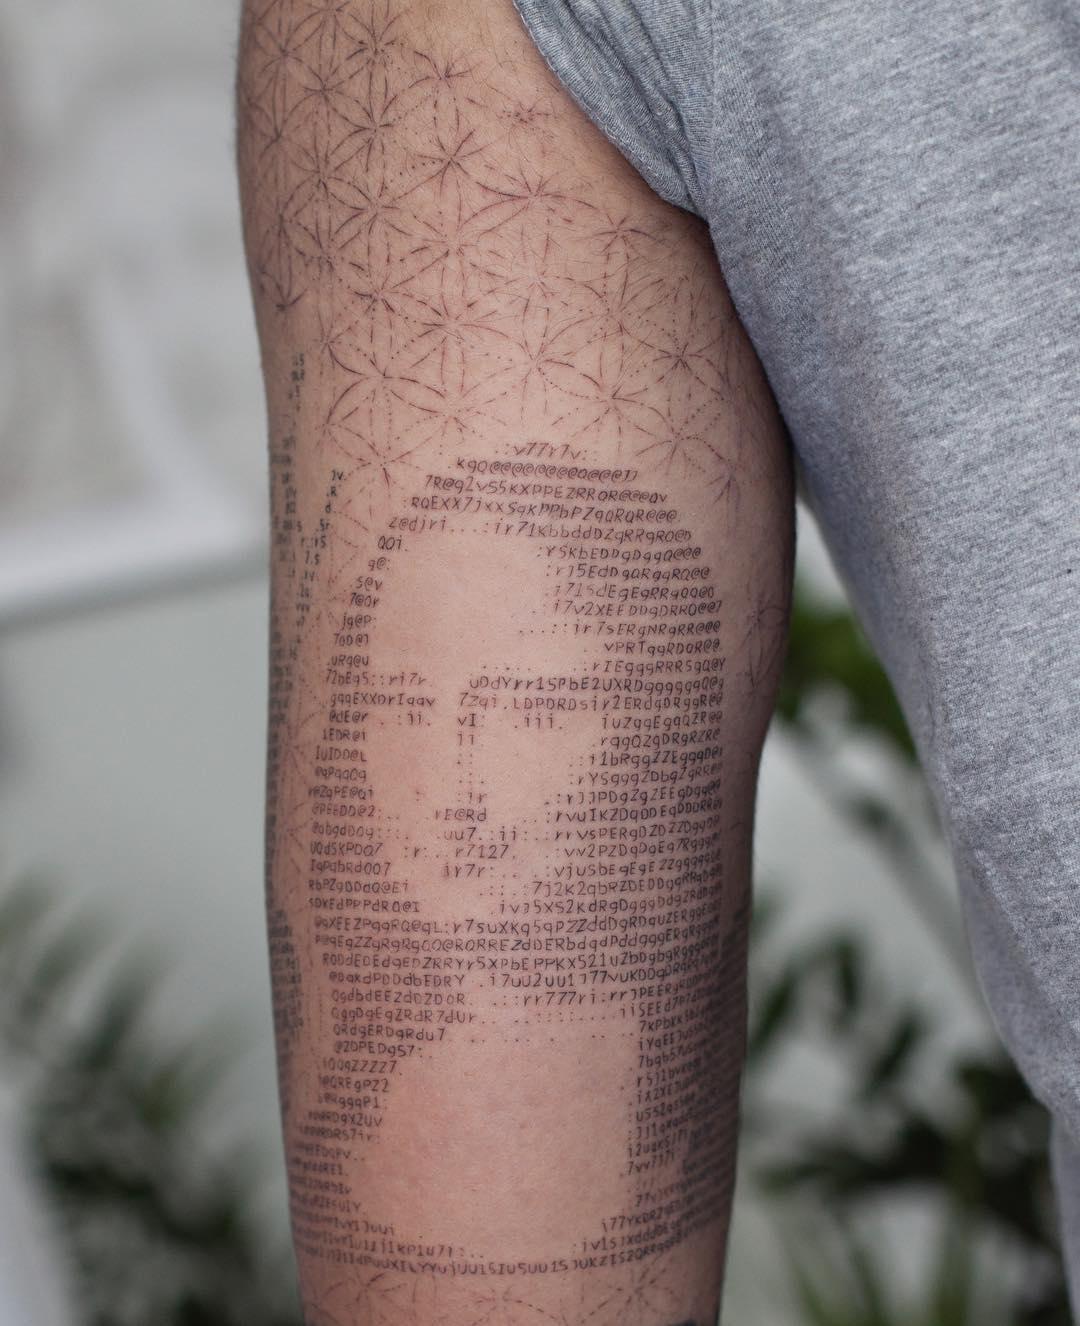 Nombre Actor Porno Con Tatuaje Chelsea En Brazo galería de tatuajes en código ascii – 3memes